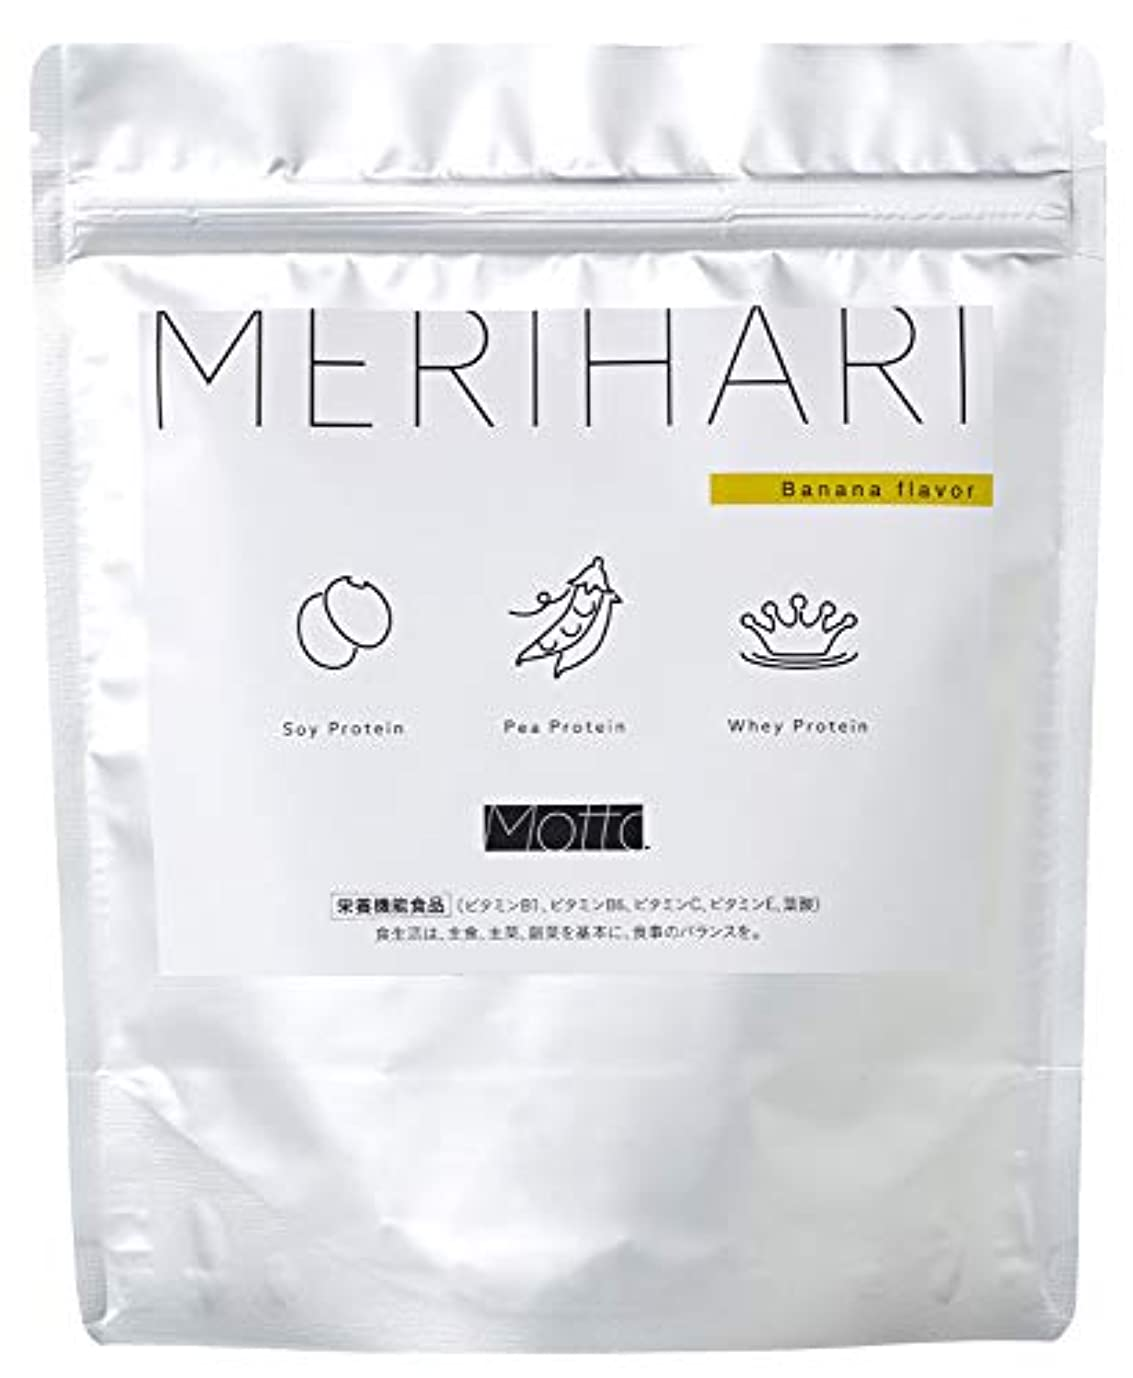 オン盗難制限Mottoo (モット) MERIHARI メリハリ 食べる プロテイン [ 置き換え食品 低カロリー 砂糖不使用 ] 女性 バナナ味 275g